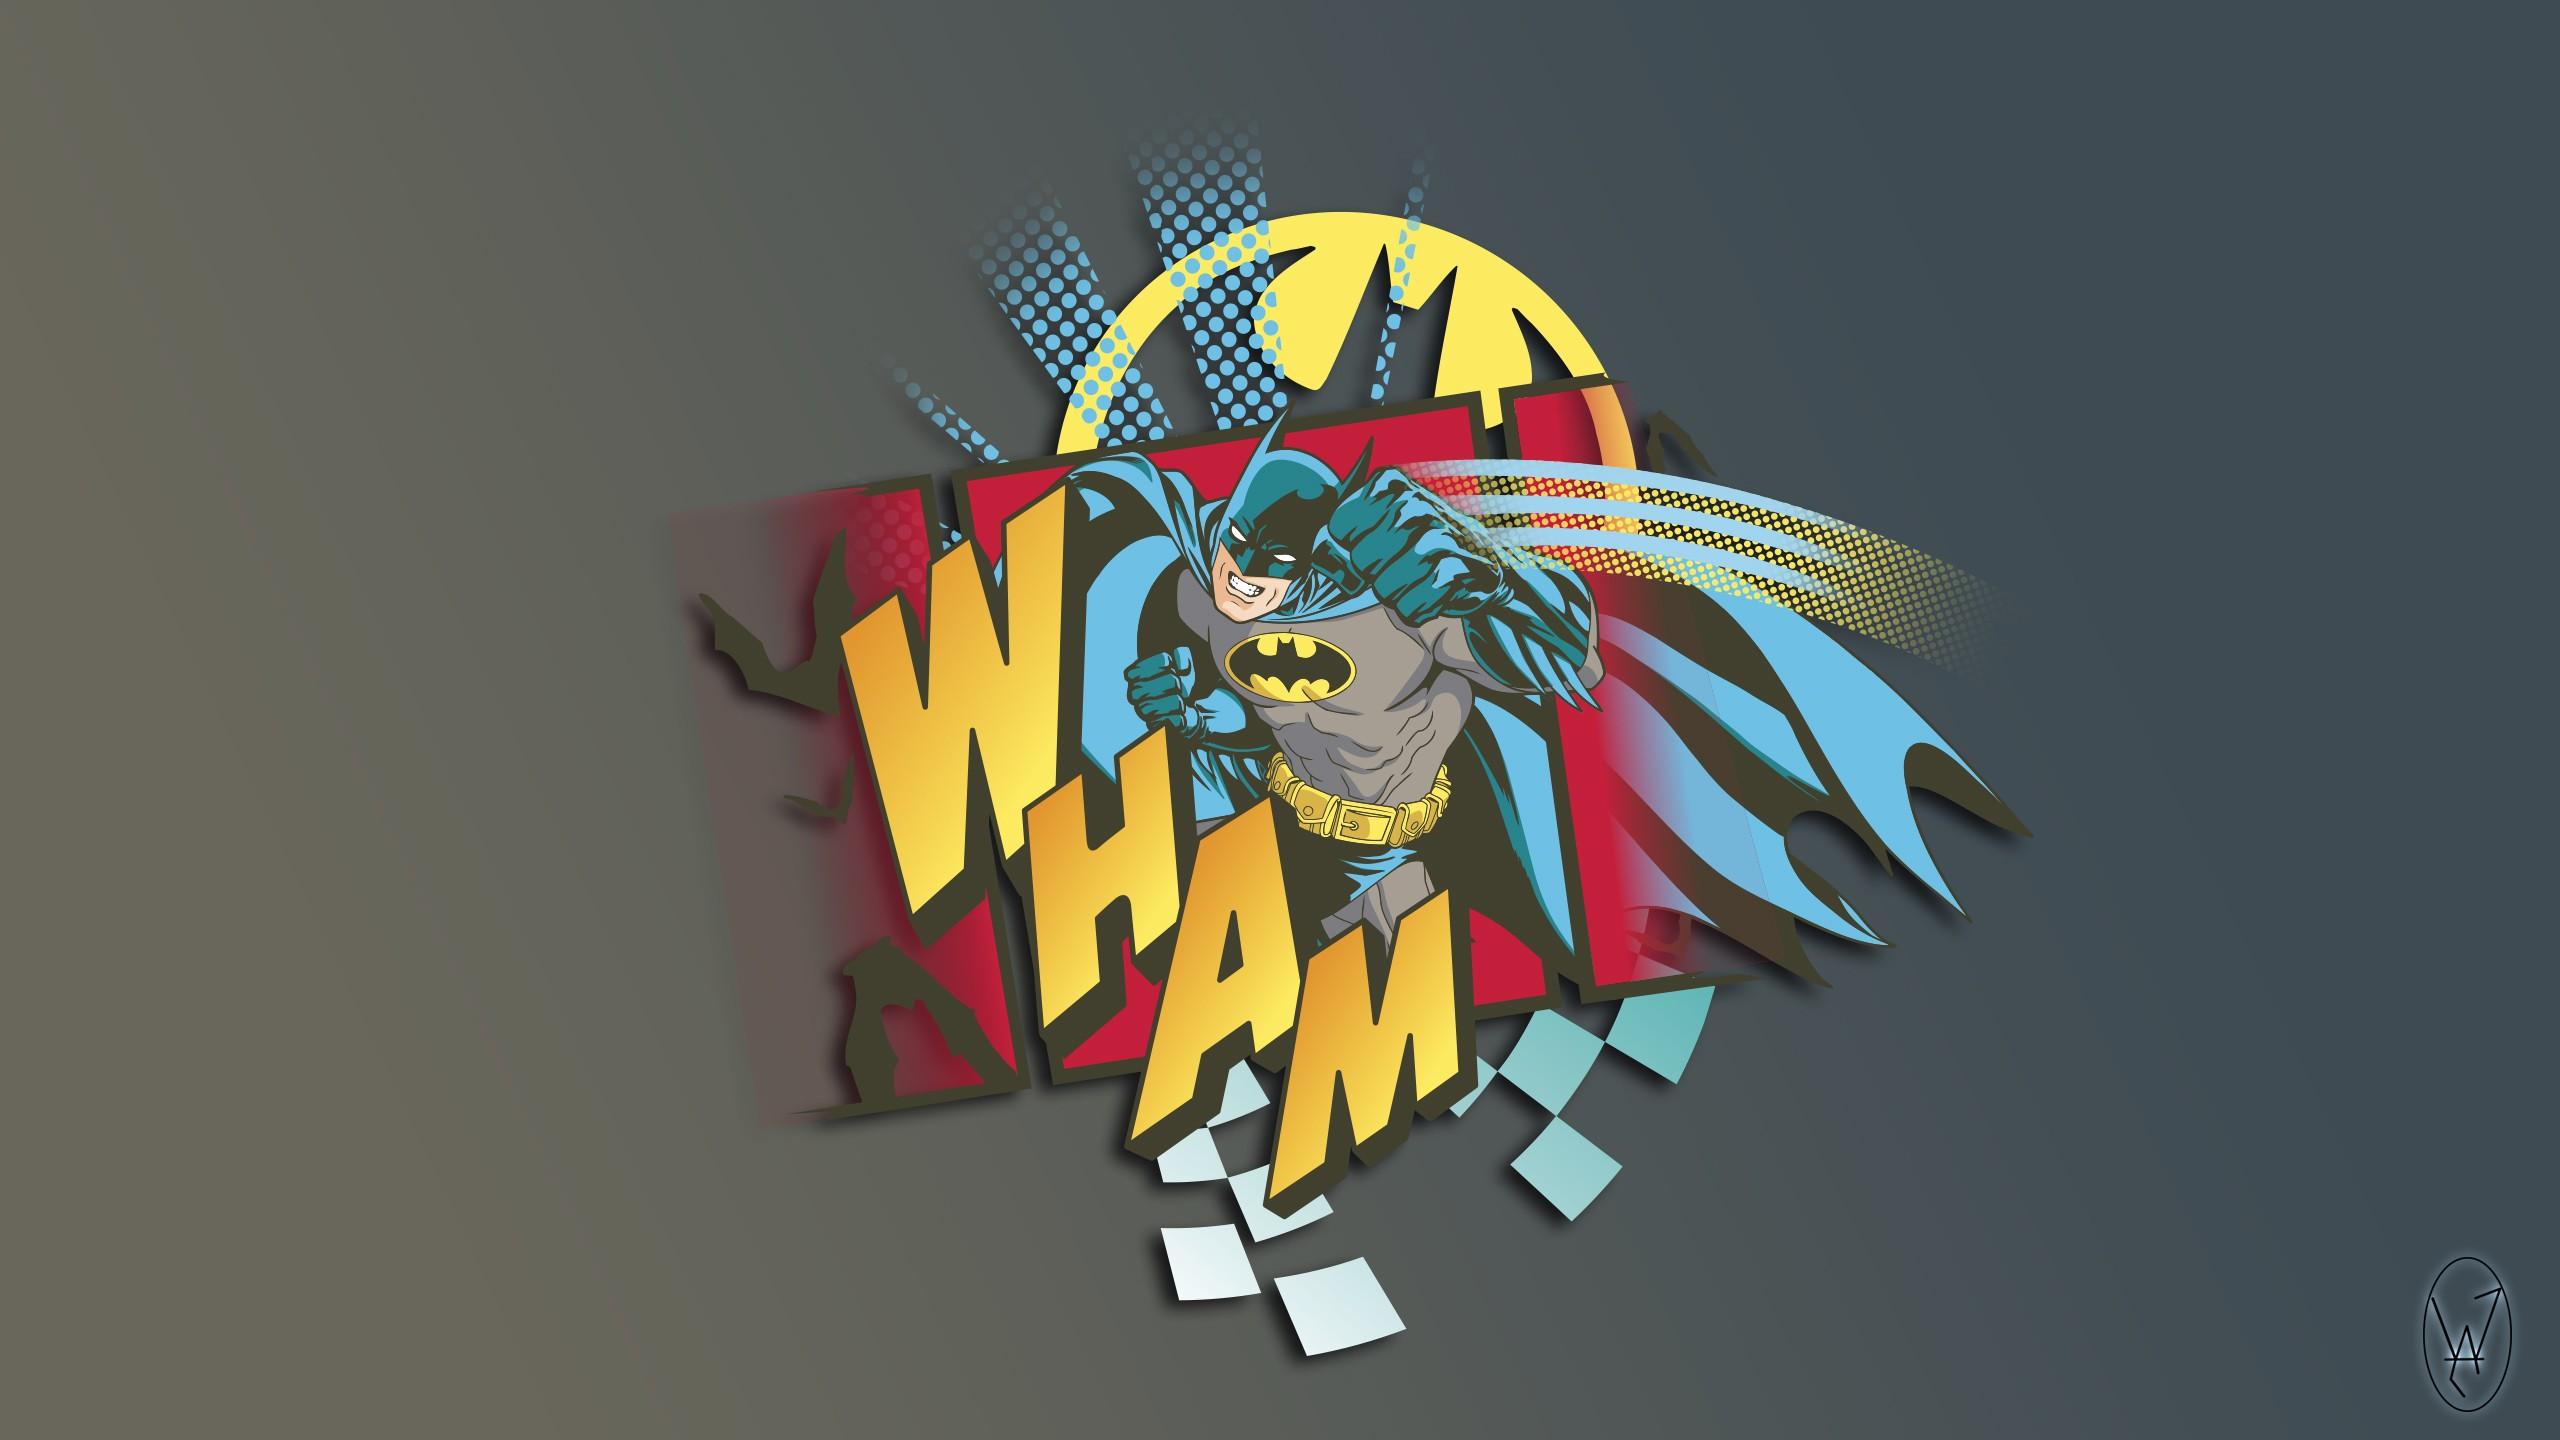 Wallpaper 2560x1440 Px Batman Comics Logo Sketches